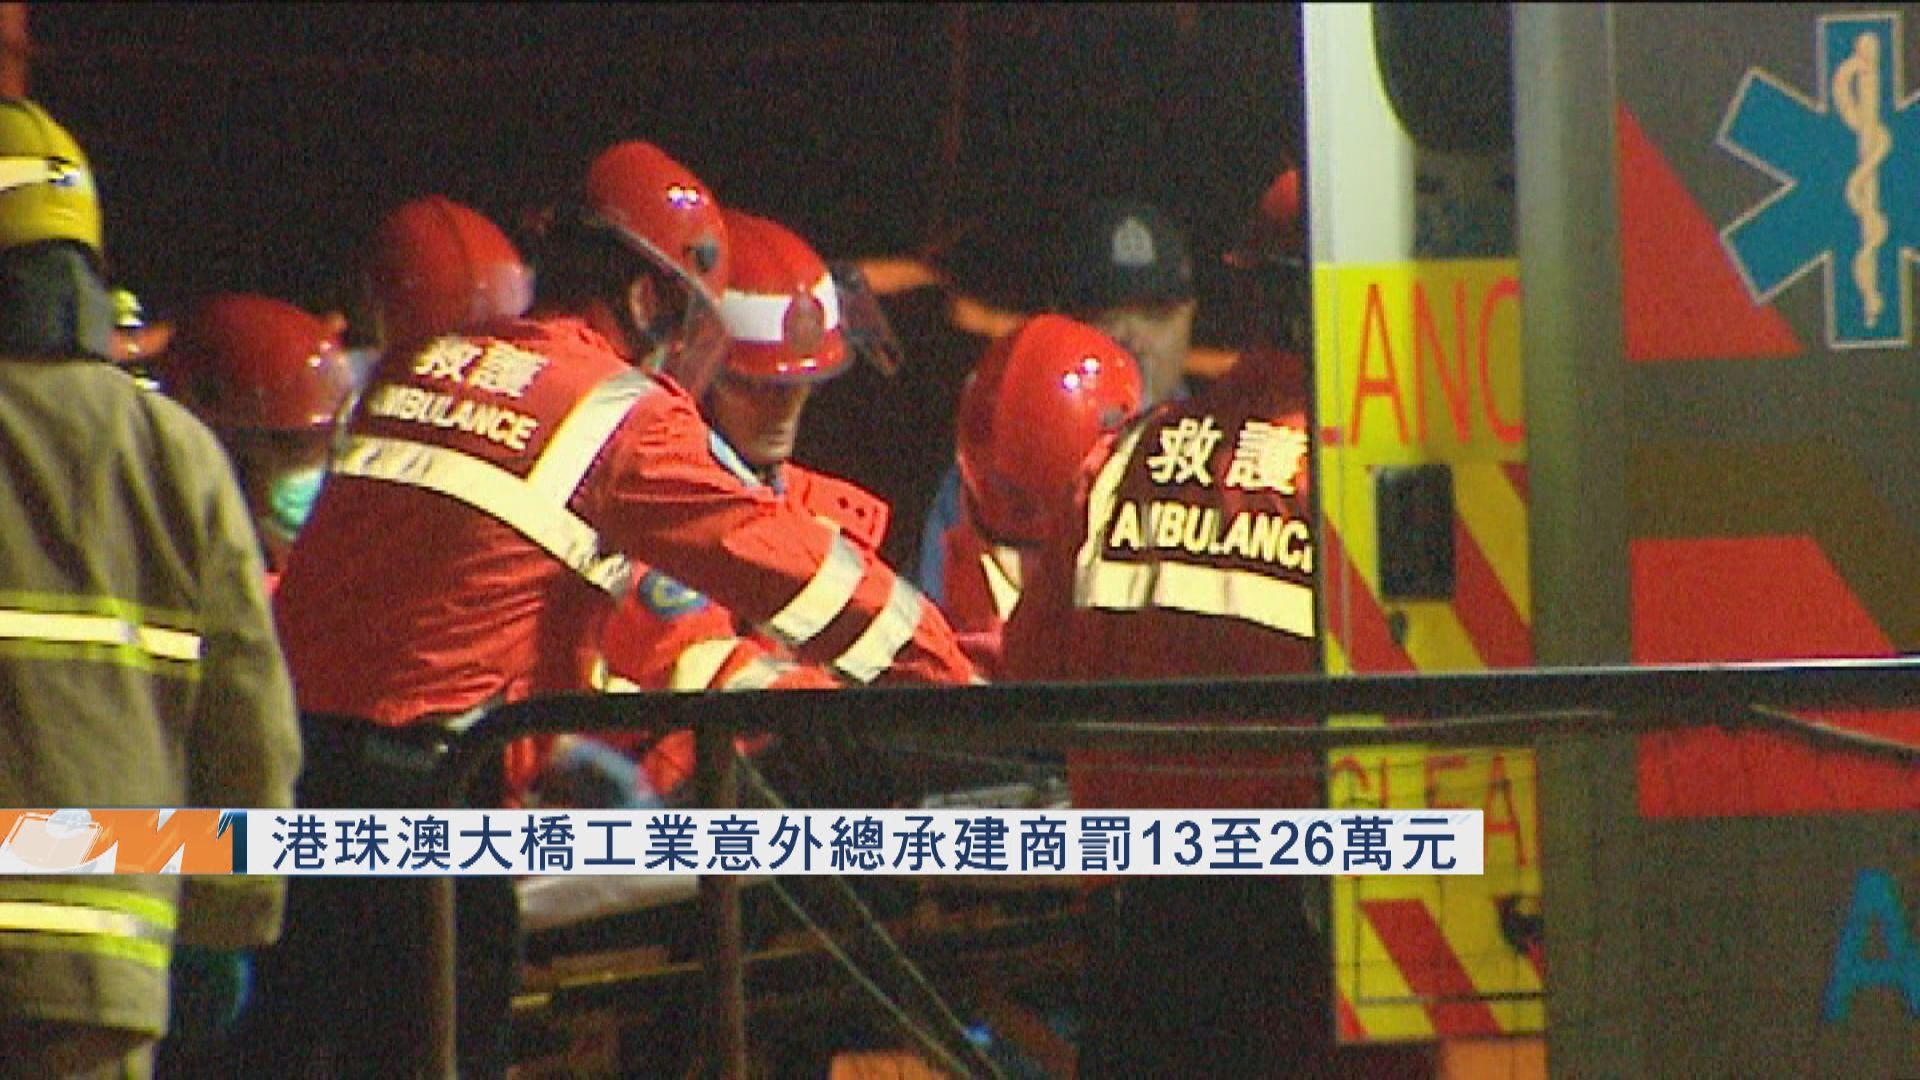 港珠澳大橋工業意外總承建商罰13至26萬